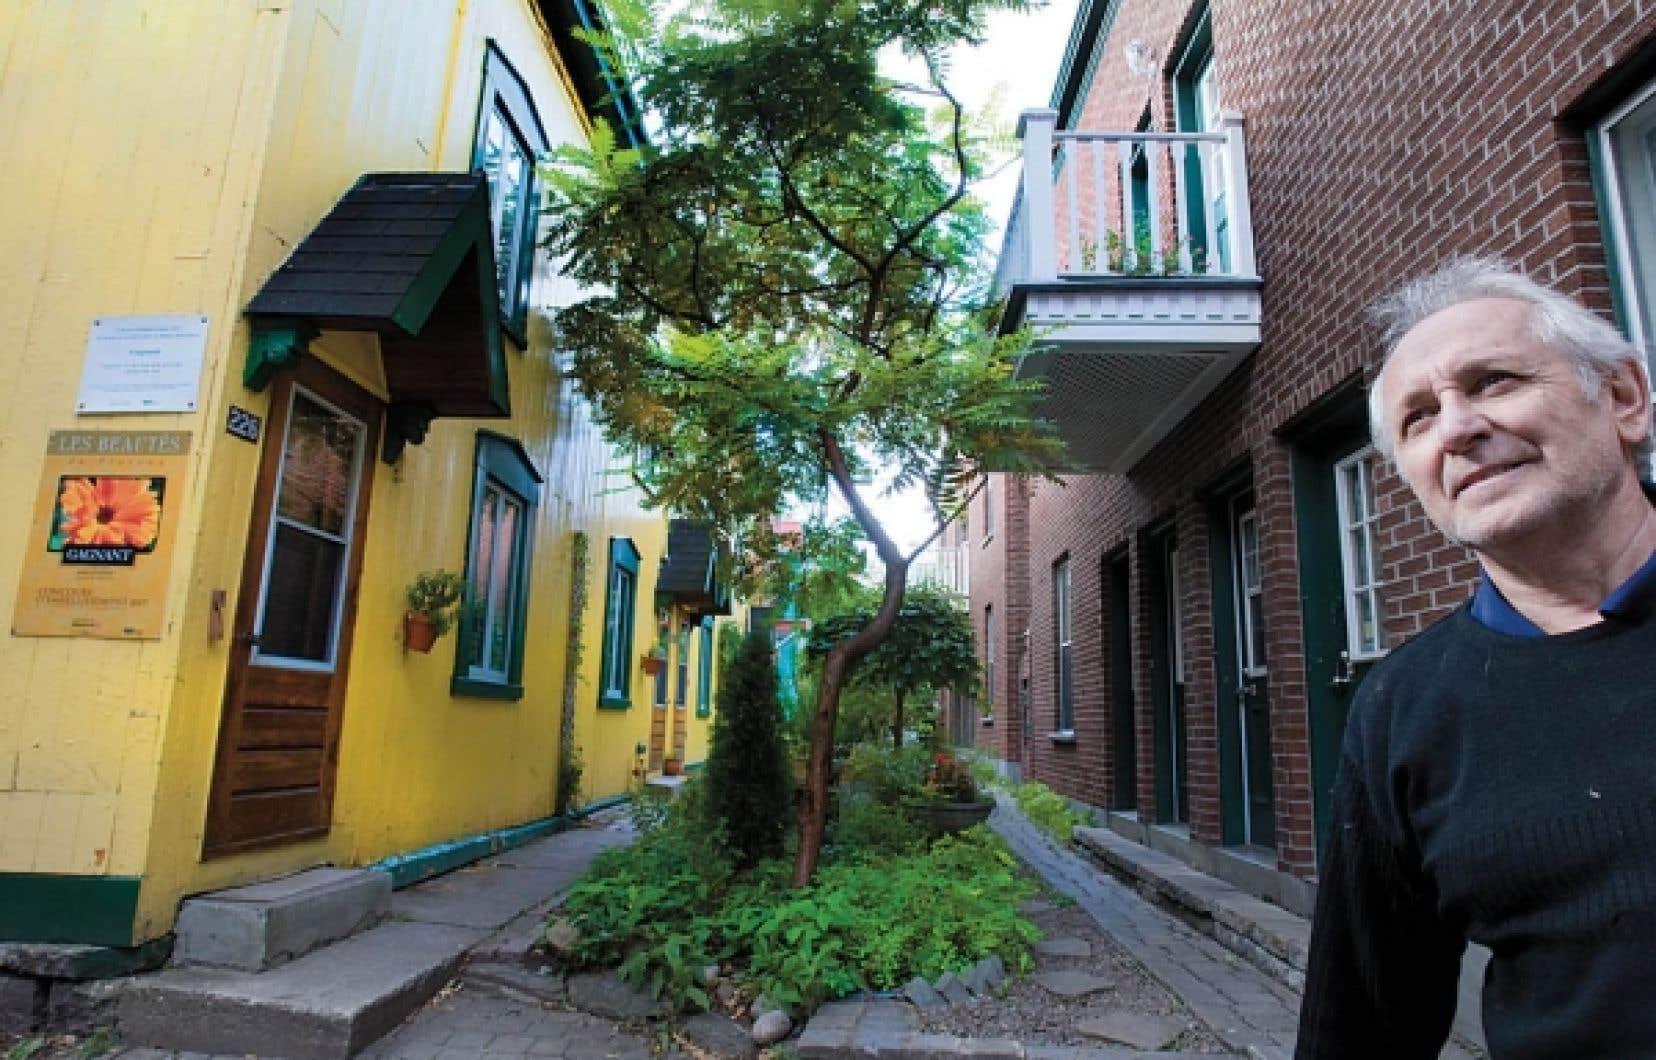 Andr&eacute;&nbsp;Brisebois&nbsp;habite dans la rue Henri-Julien, aux abords de la petite rue Demers, sur le Plateau-Mont-Royal. L&rsquo;art&egrave;re n&rsquo;est pas une authentique ruelle puisqu&rsquo;elle porte un nom, et qu&rsquo;une maison ancestrale y affiche fi&egrave;rement une adresse.<br />